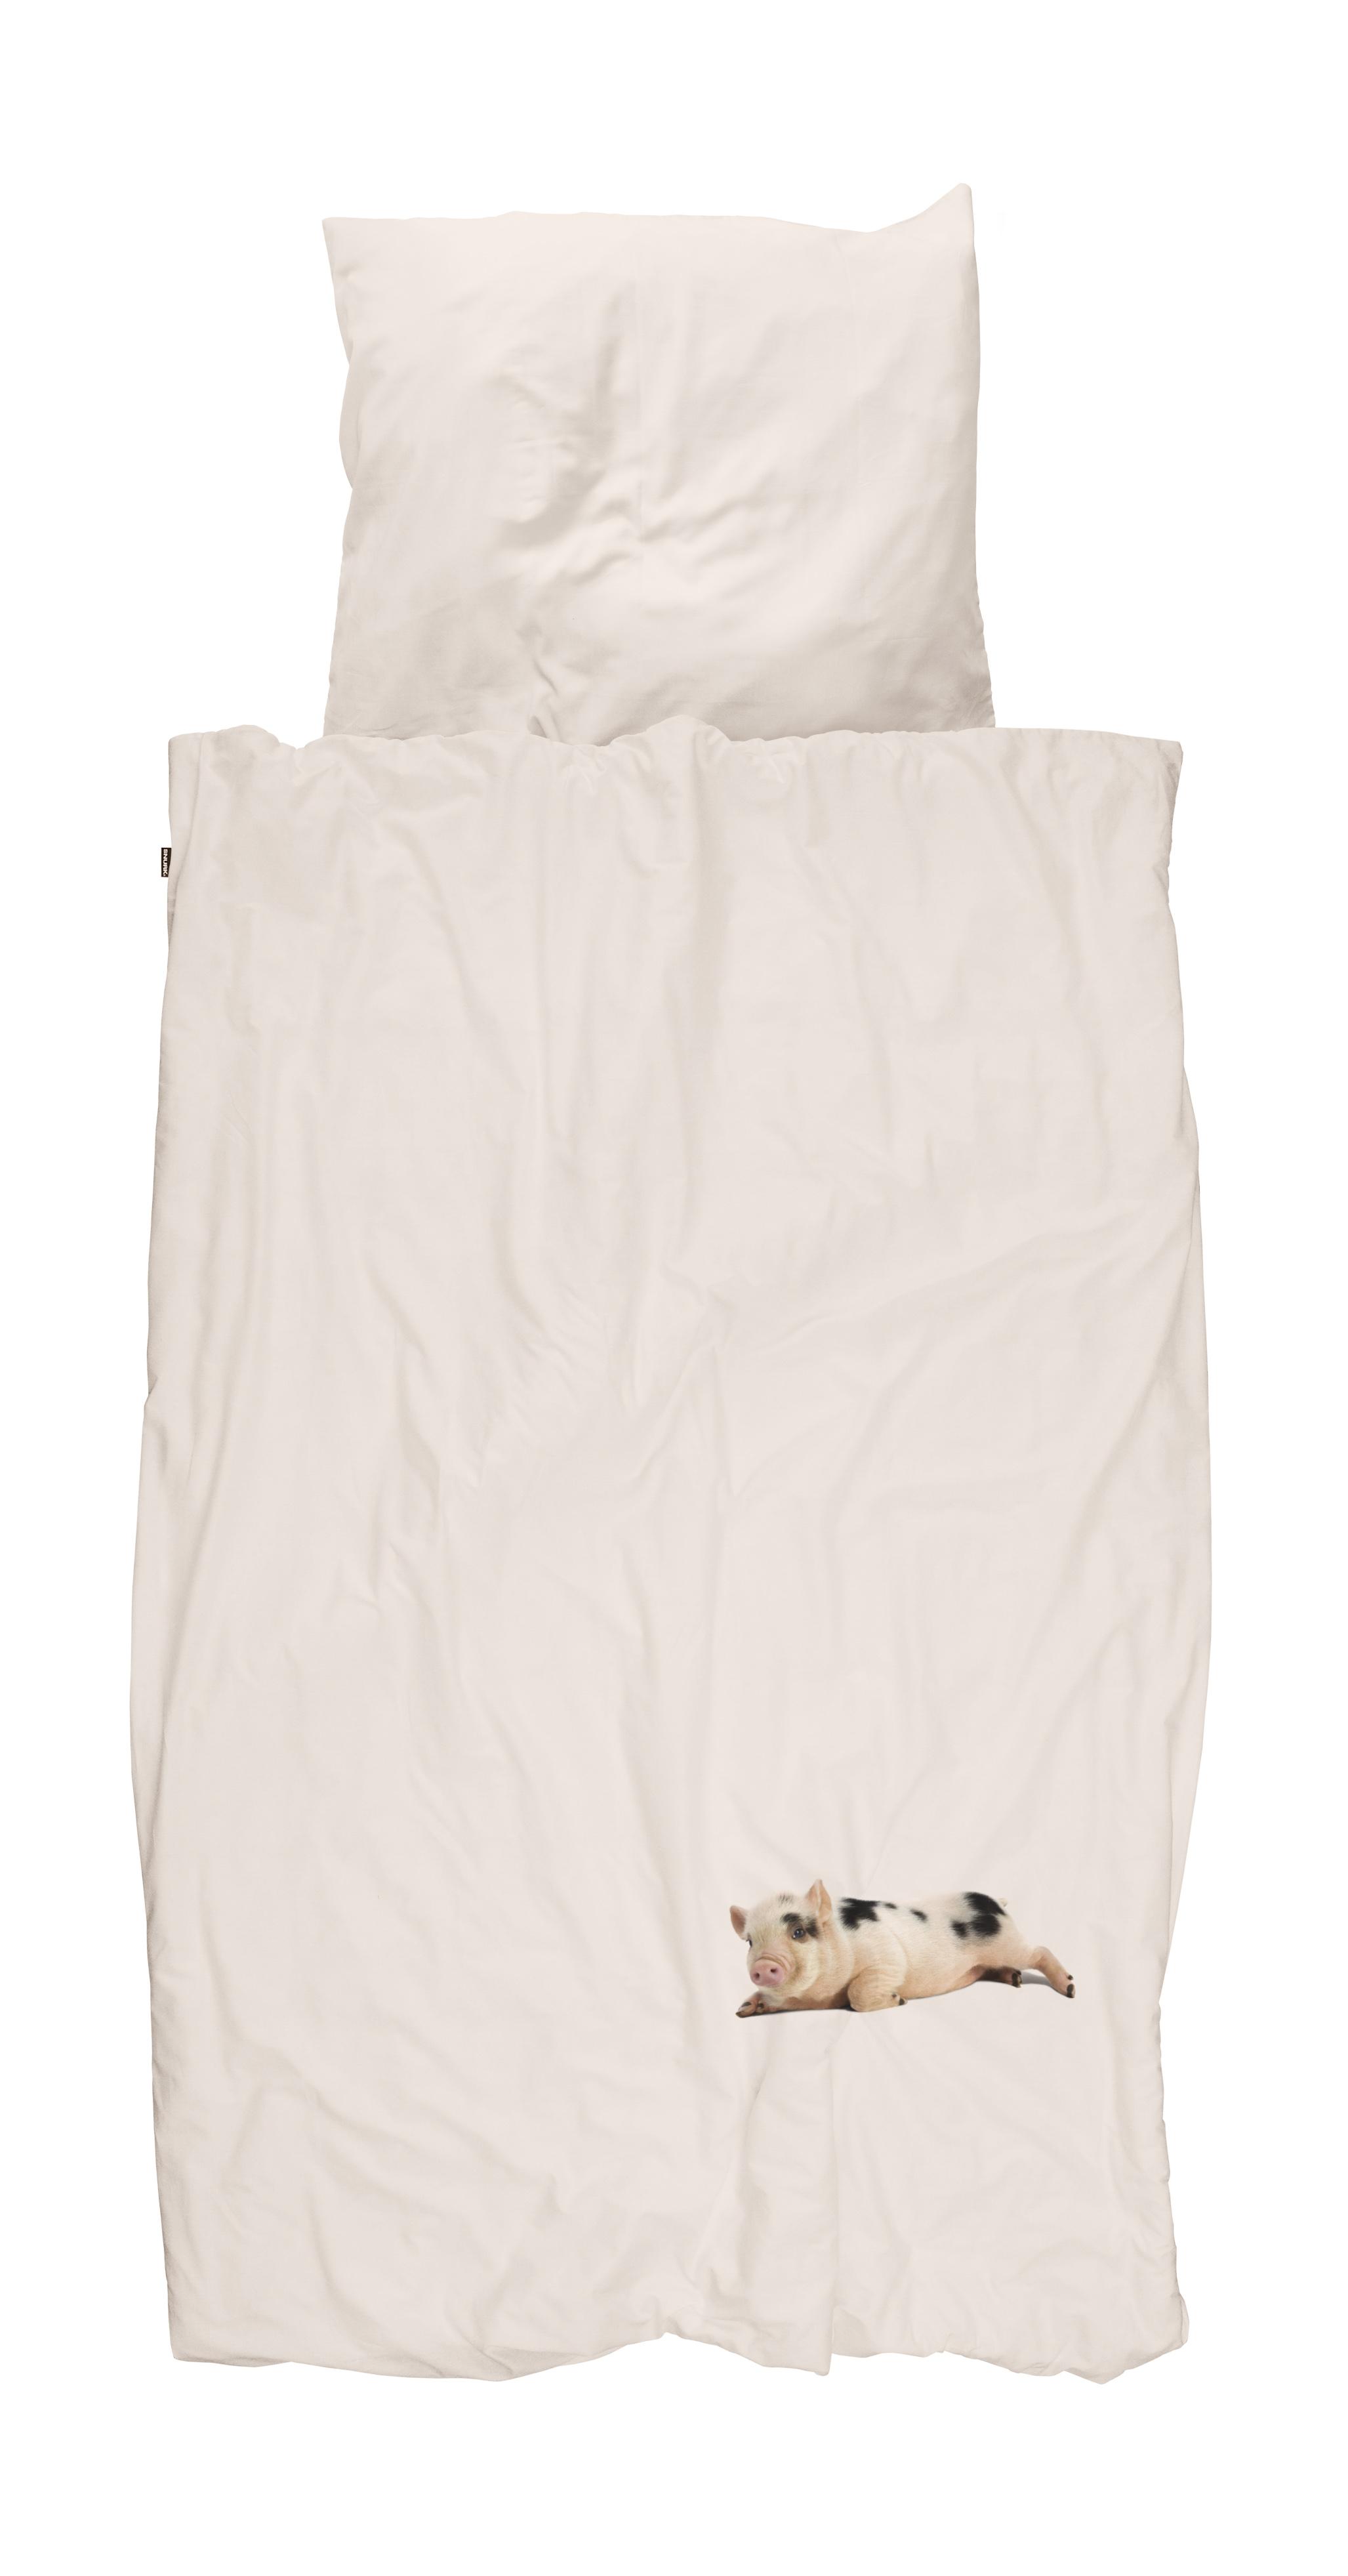 Купить Комплект постельного белья поросенок розовый 150х200, inmyroom, Нидерланды